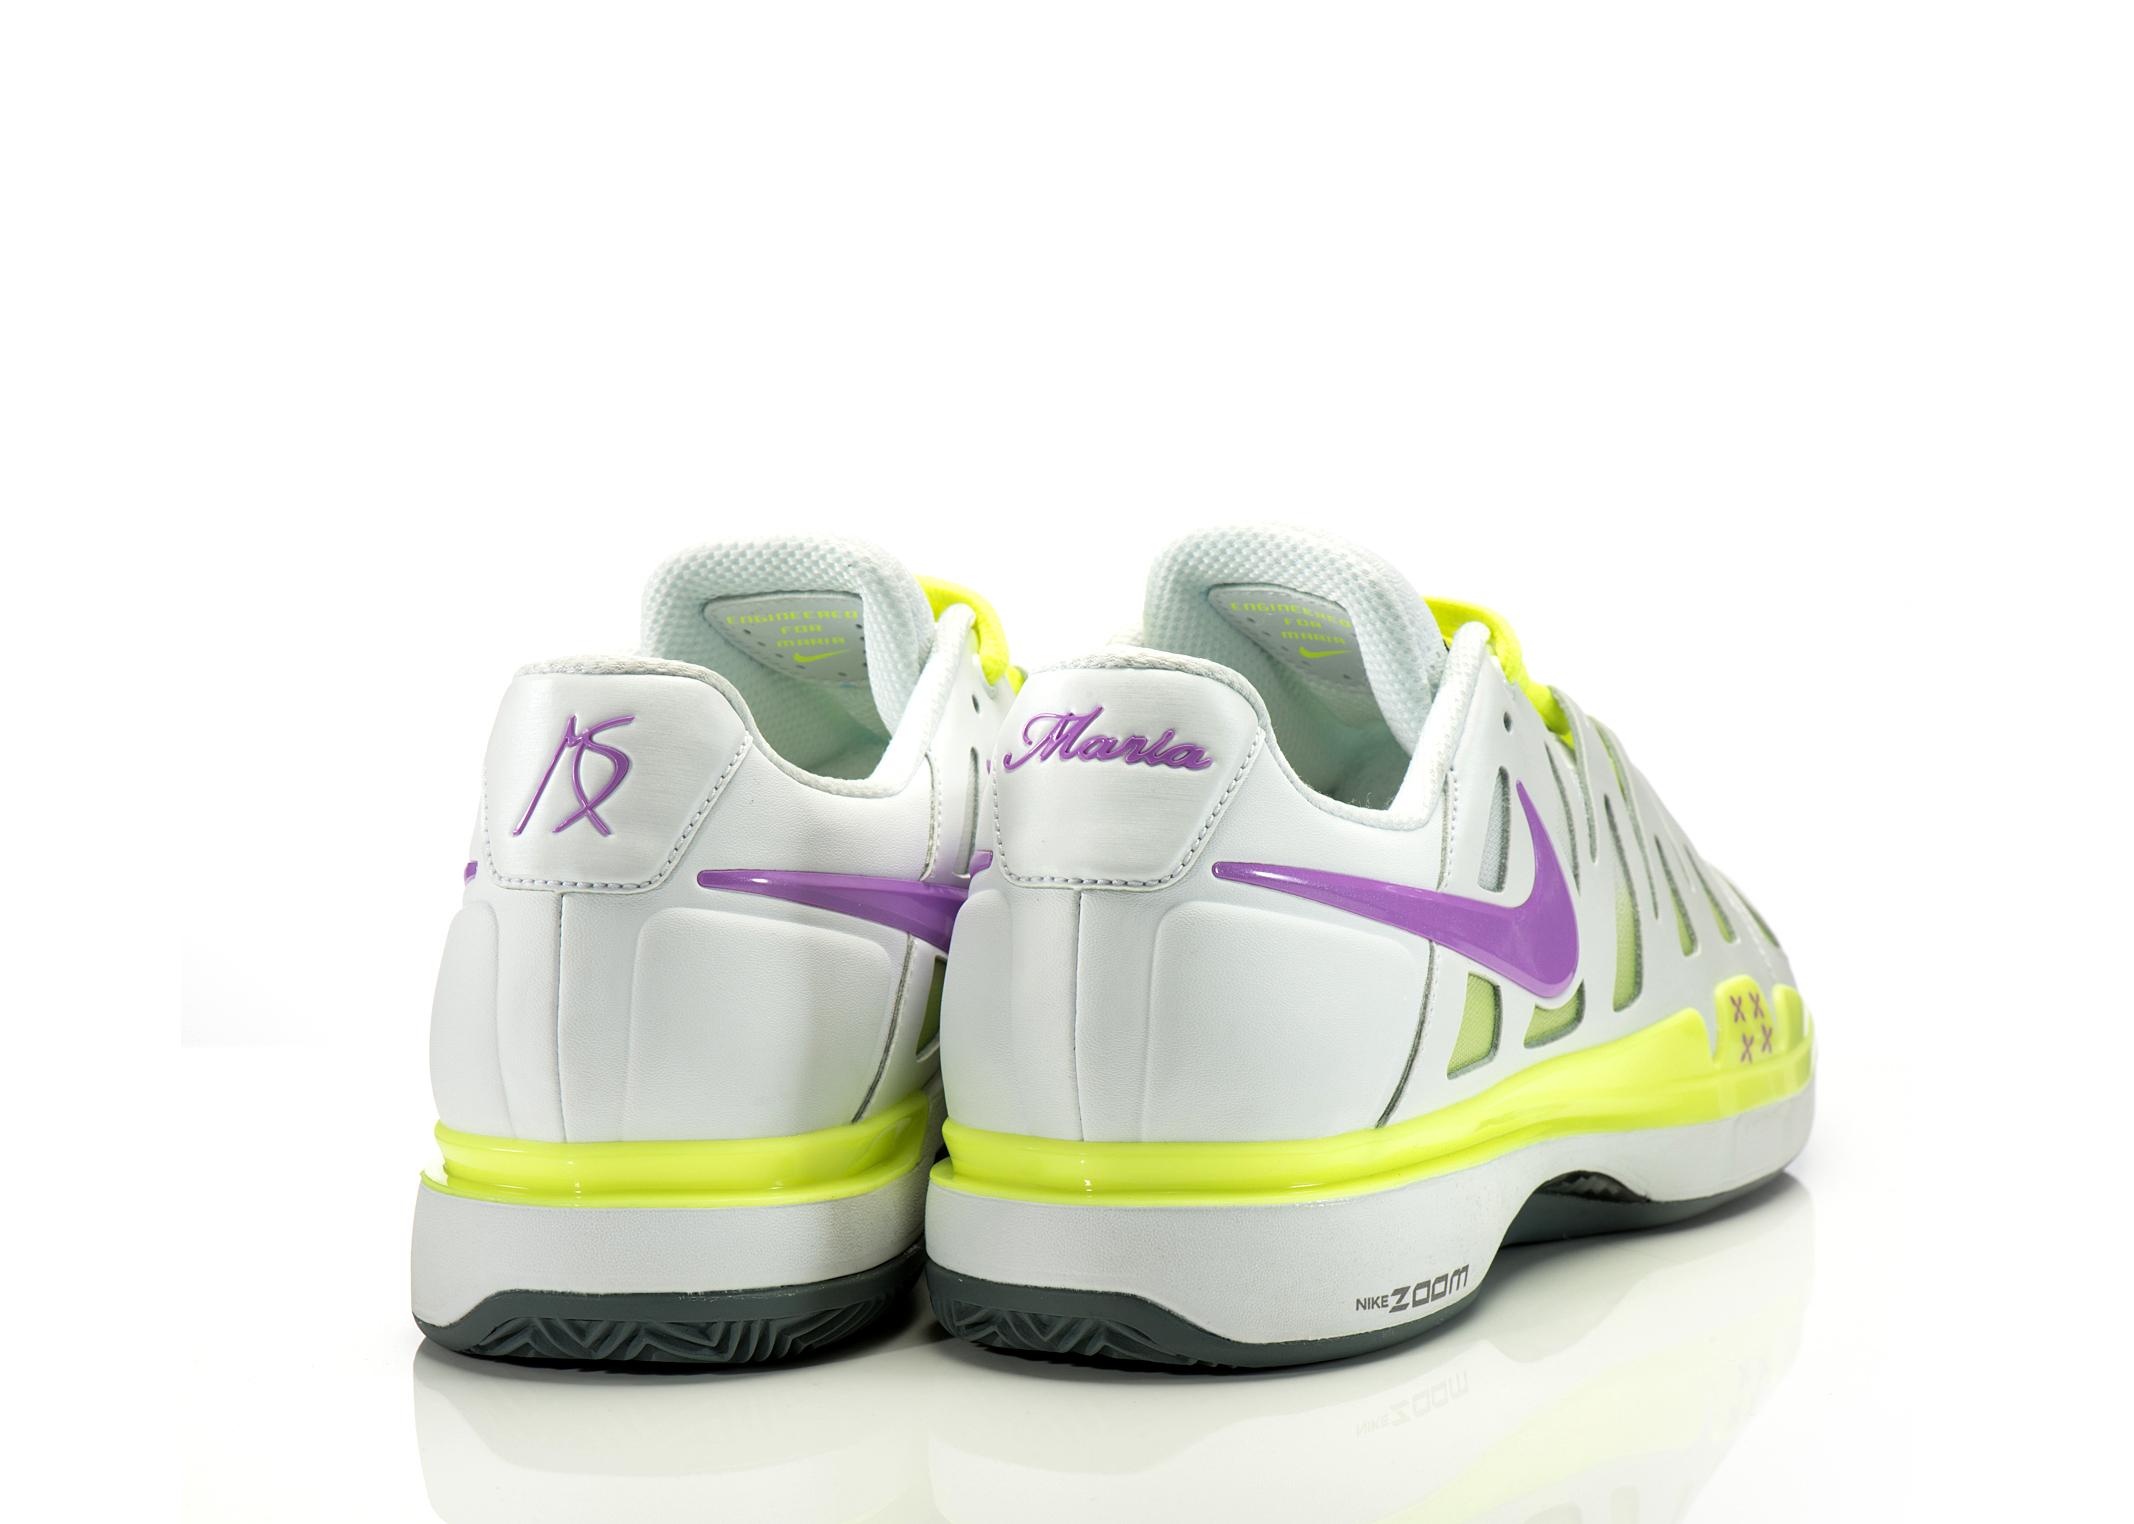 nike tennis shoes sharapova